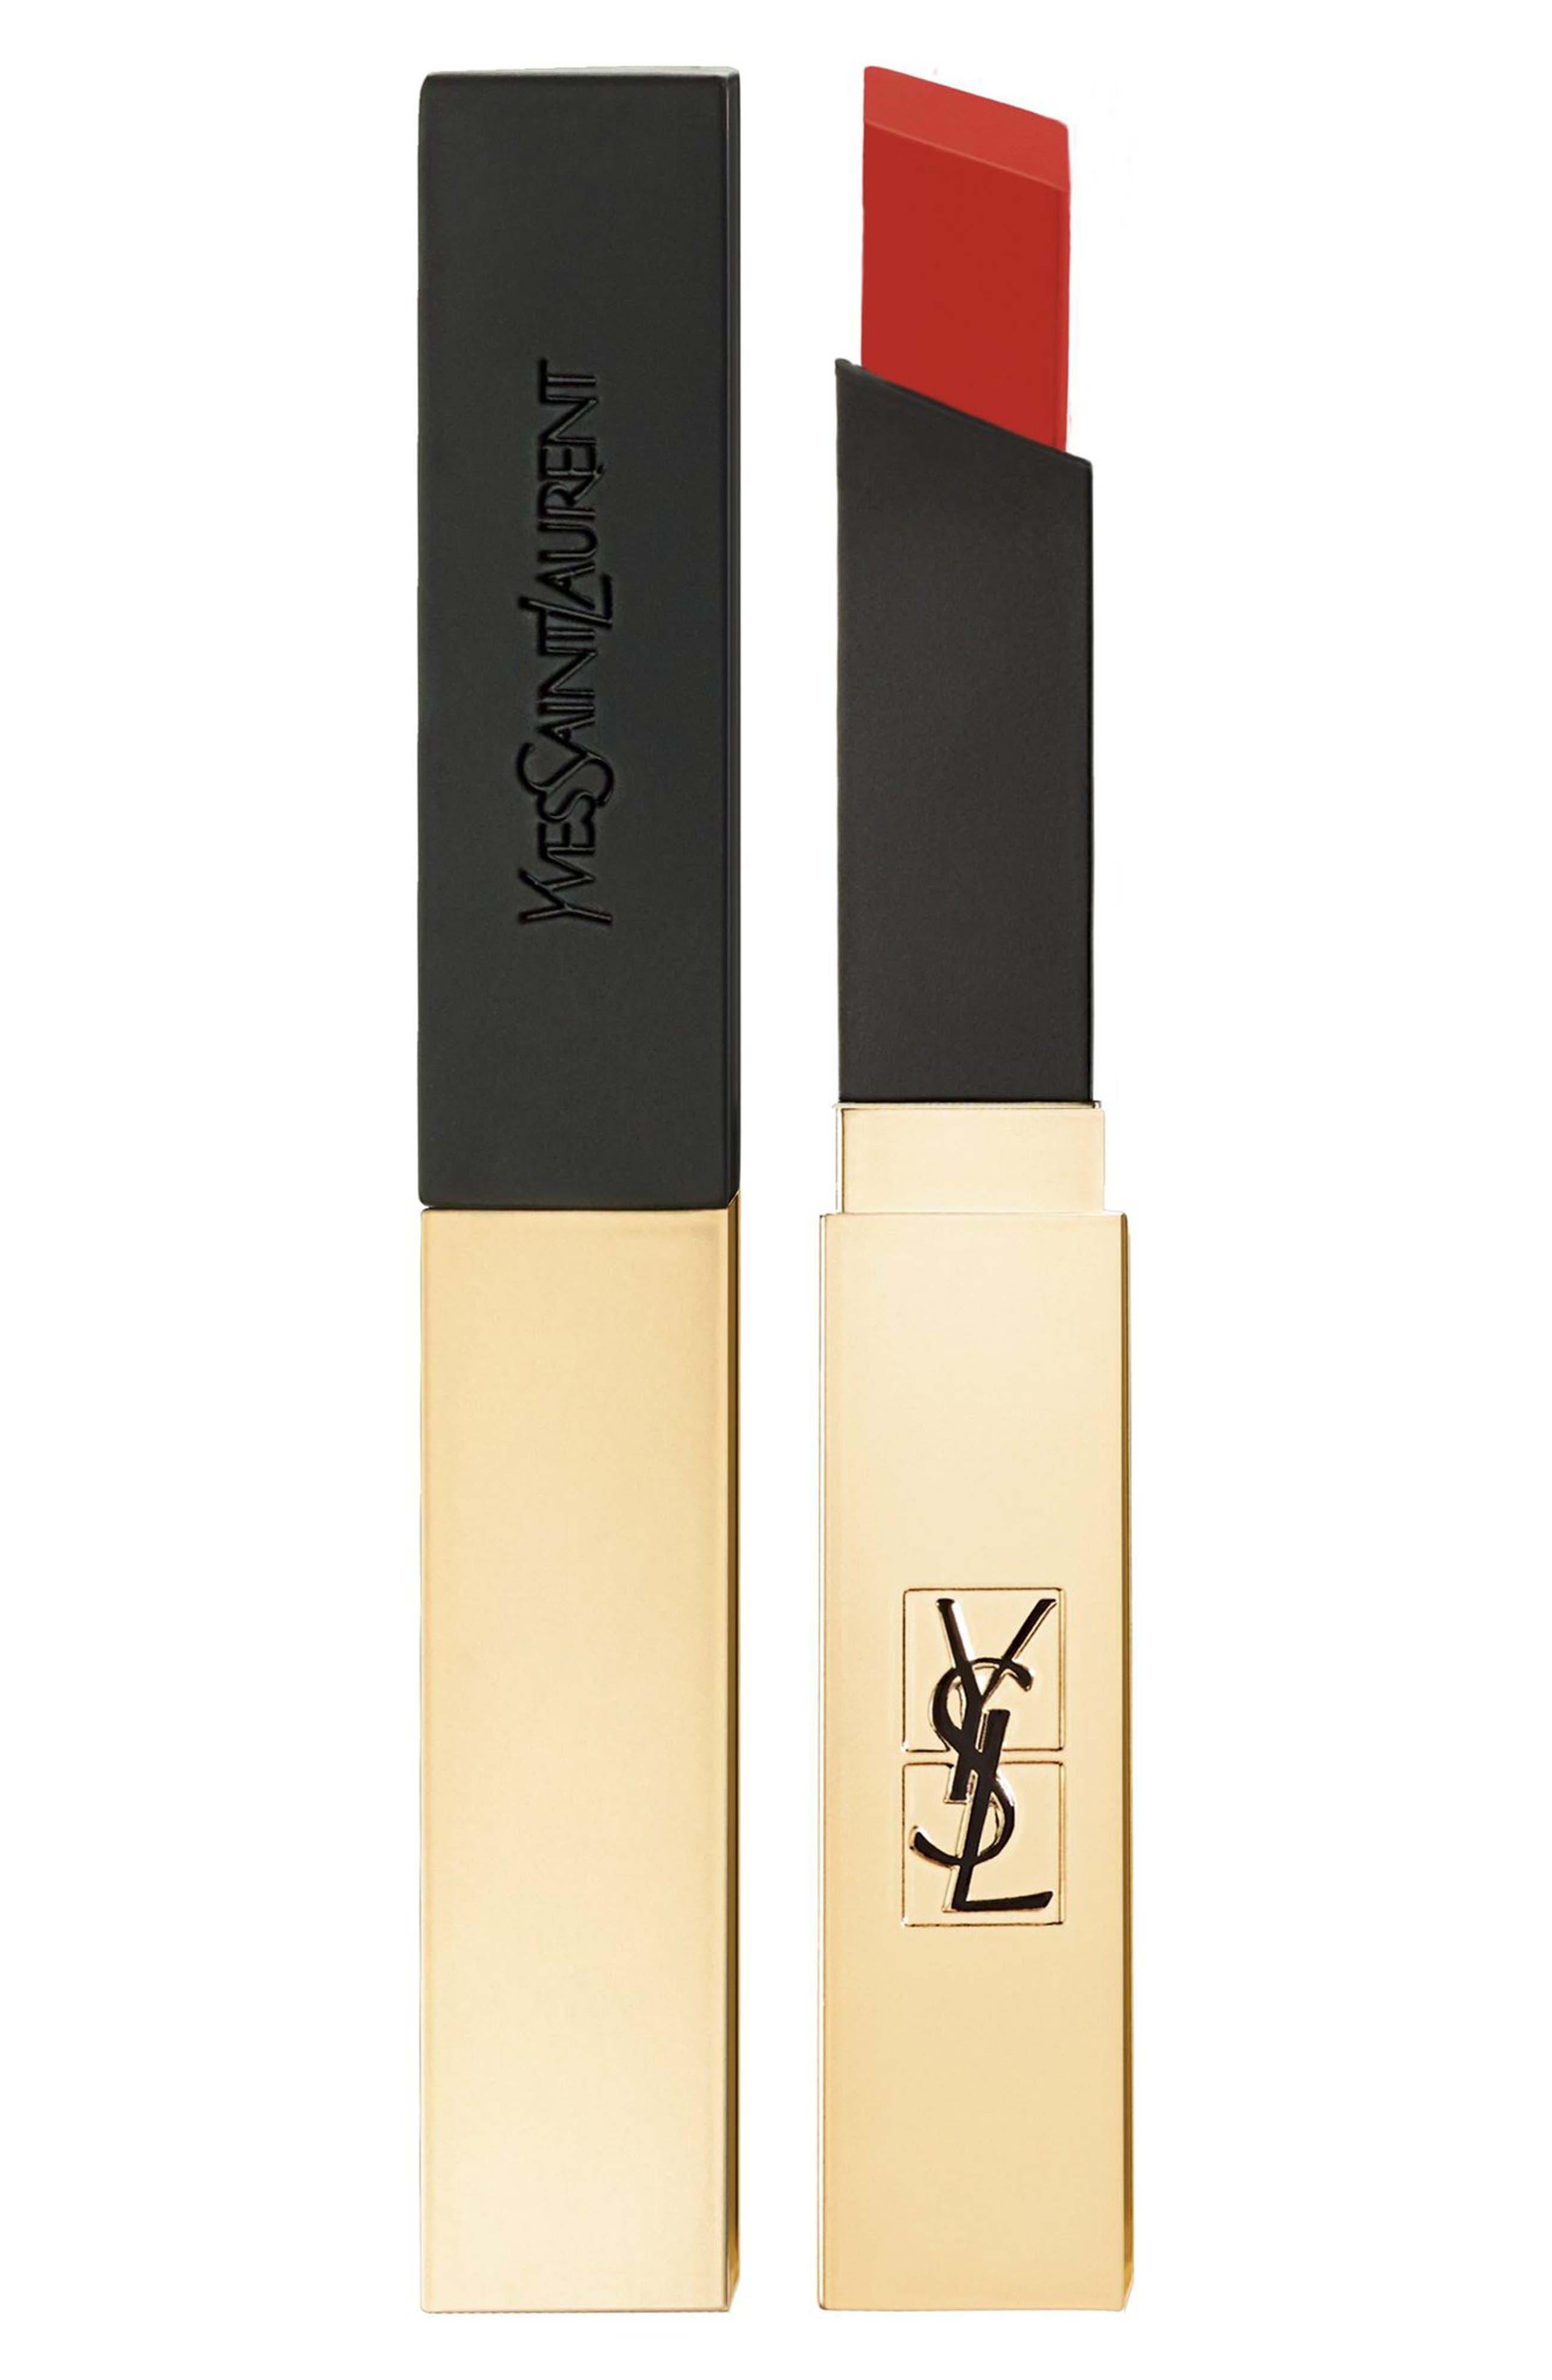 Yves Saint Laurent Rouge Pur Couture The Slim Matte Lipstick - 10 Corail Antinomique